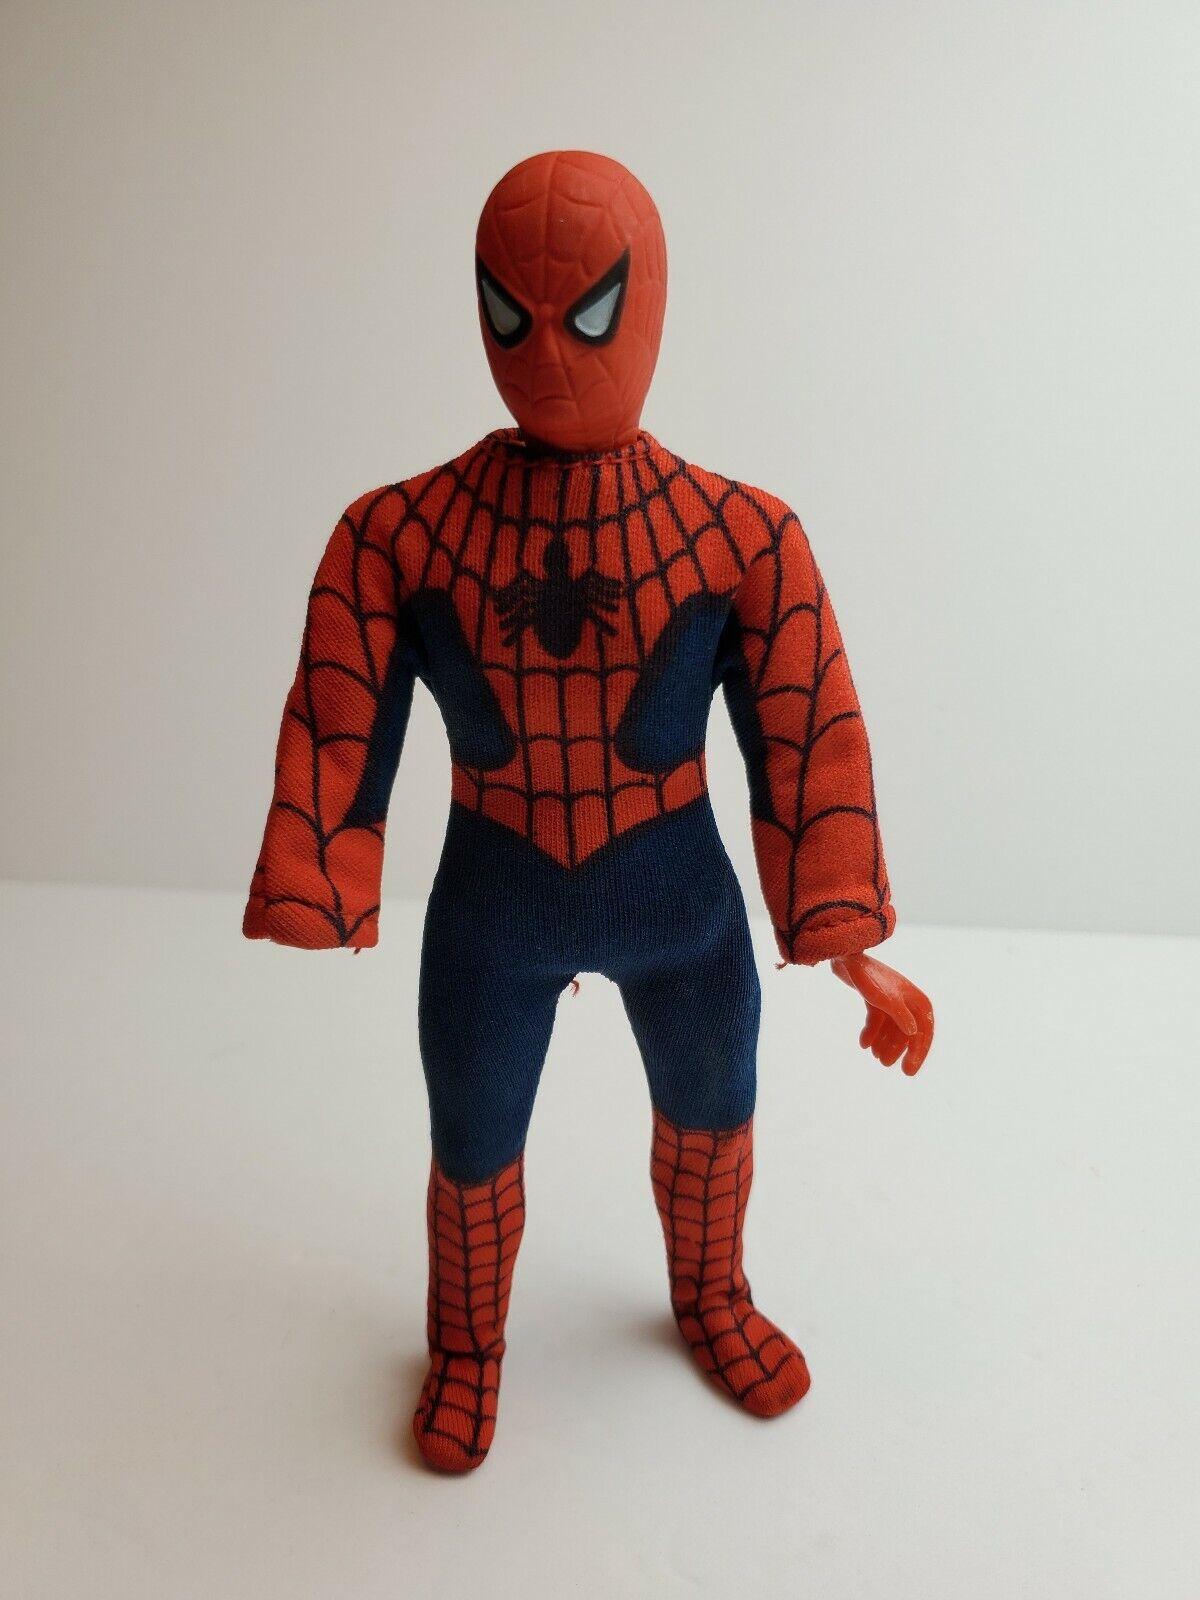 Vintage Original 1972 Mego Spider-Man Action Figure all original  hand missing